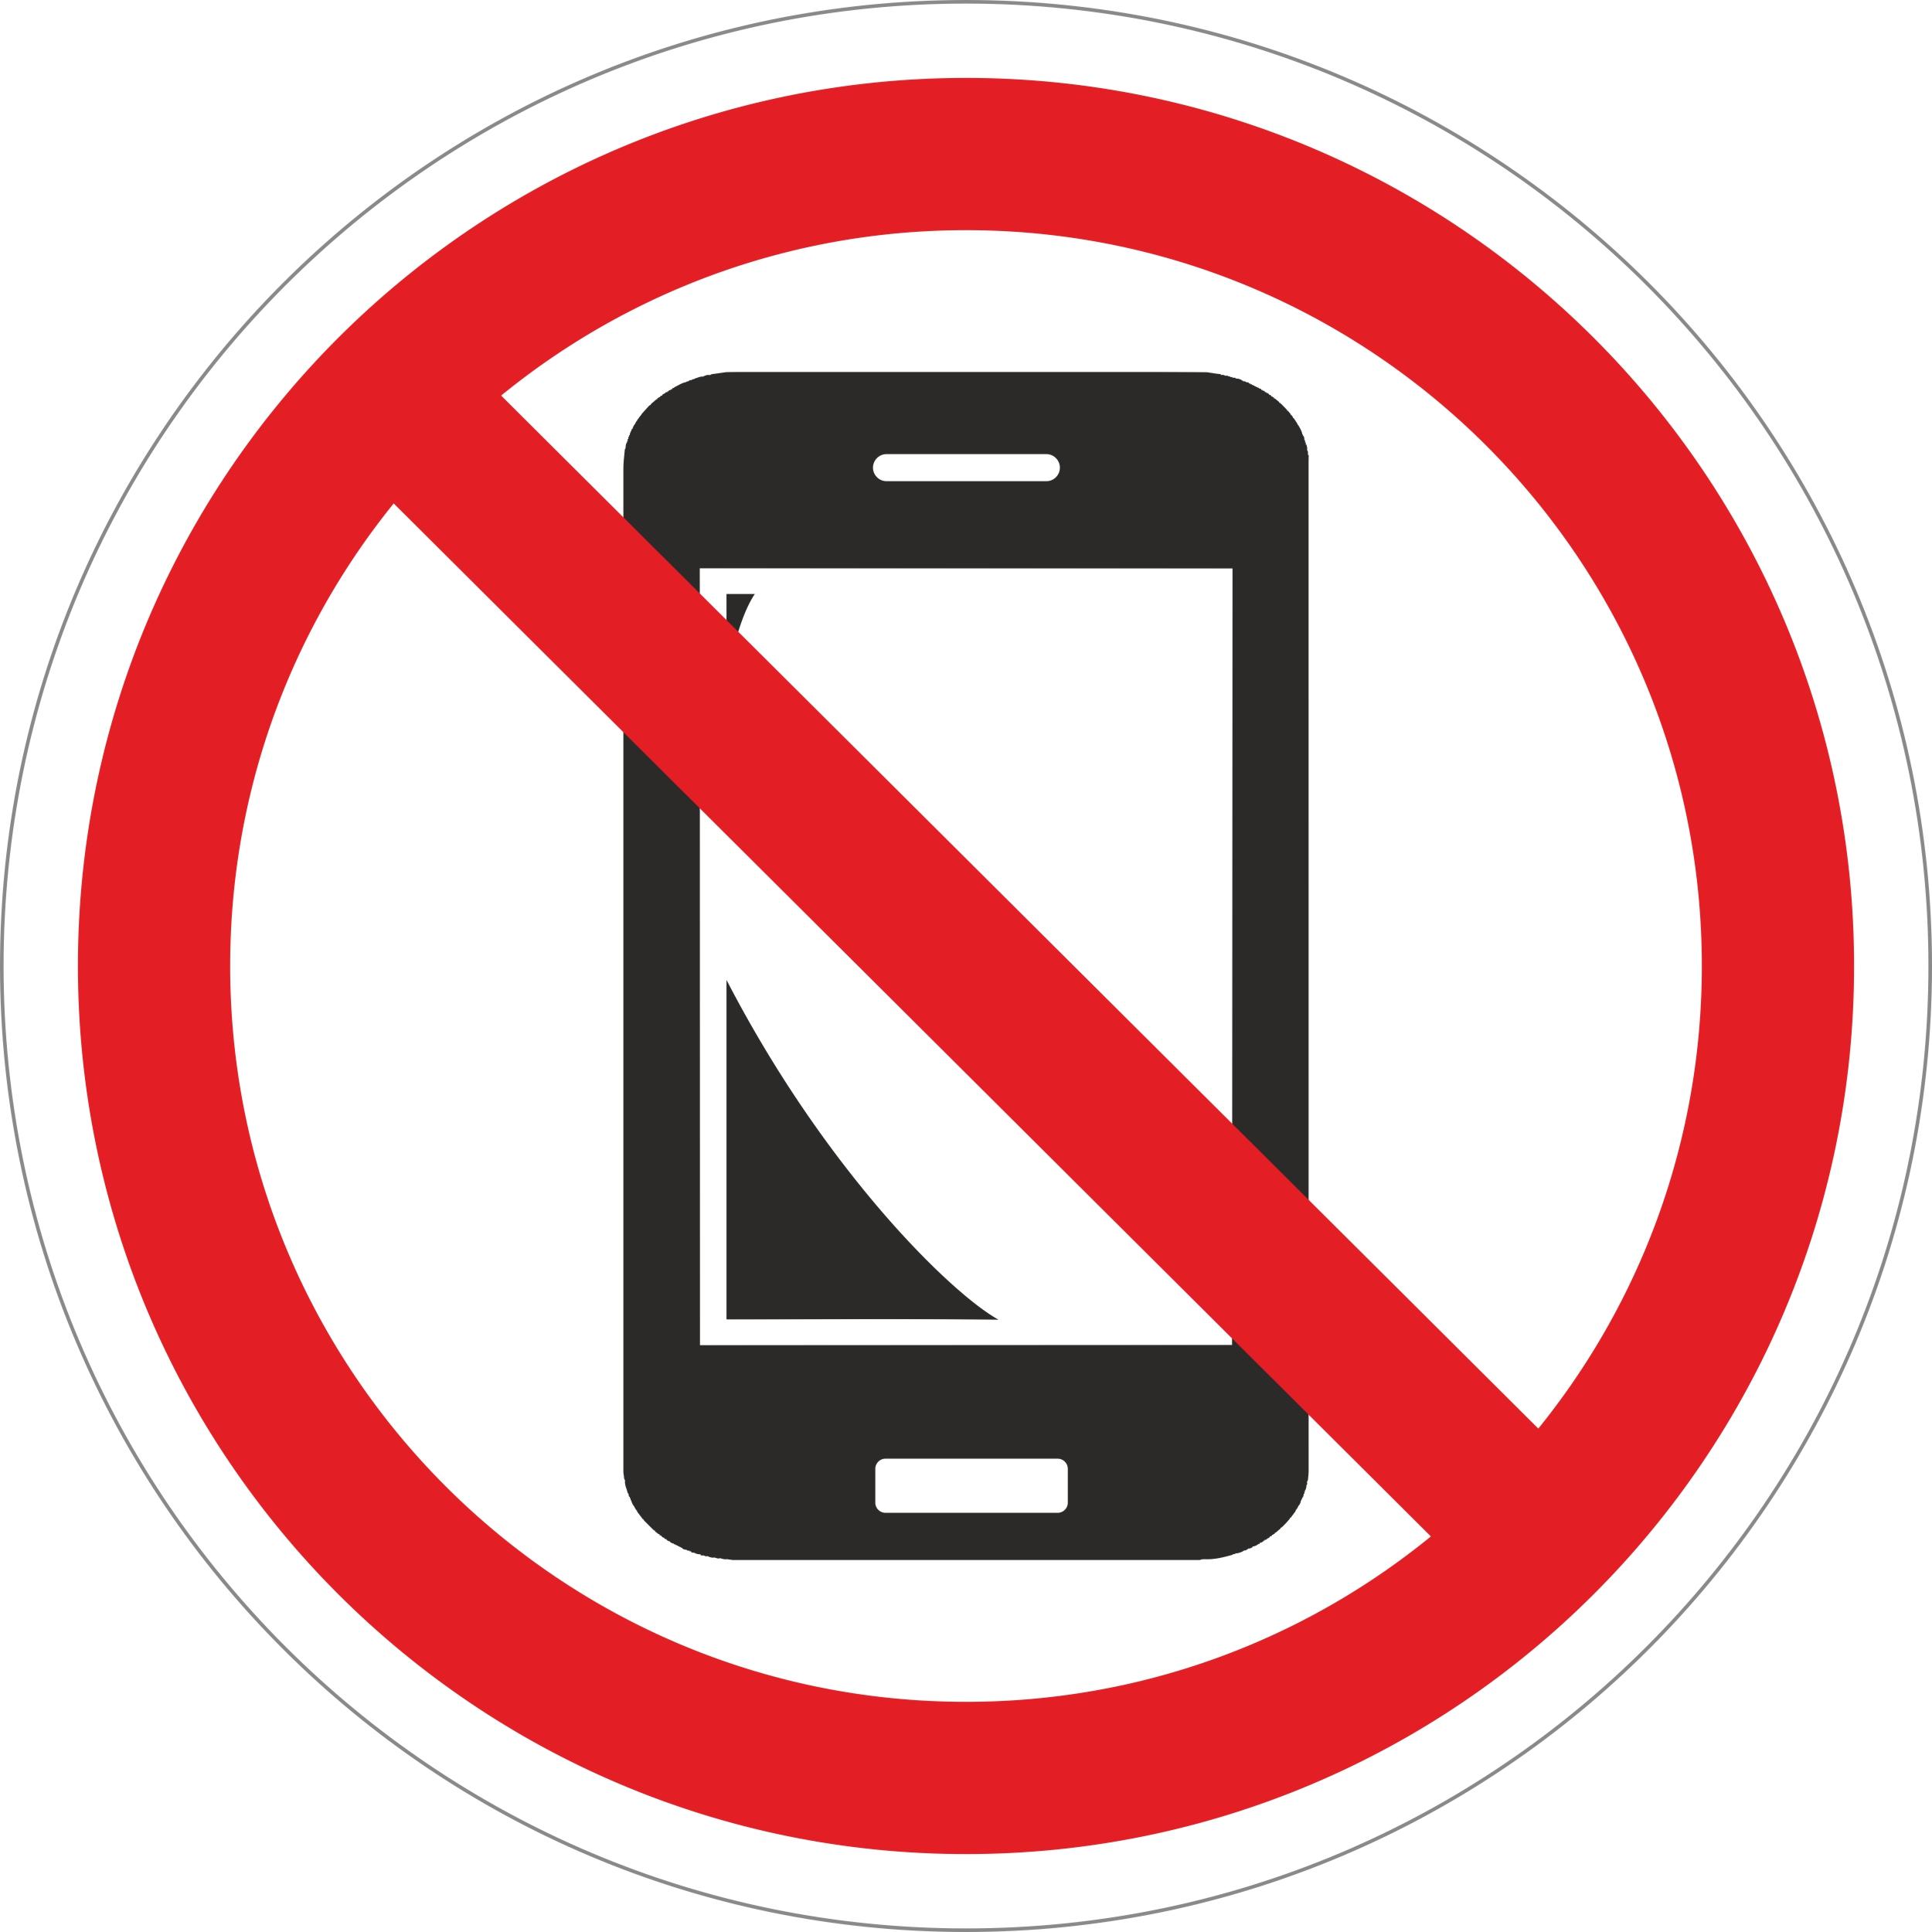 Handys verboten Ø 100 mm Warn- Hinweis- und Verbotsschild Hart-PVC, selbstklebend  – Bild 1